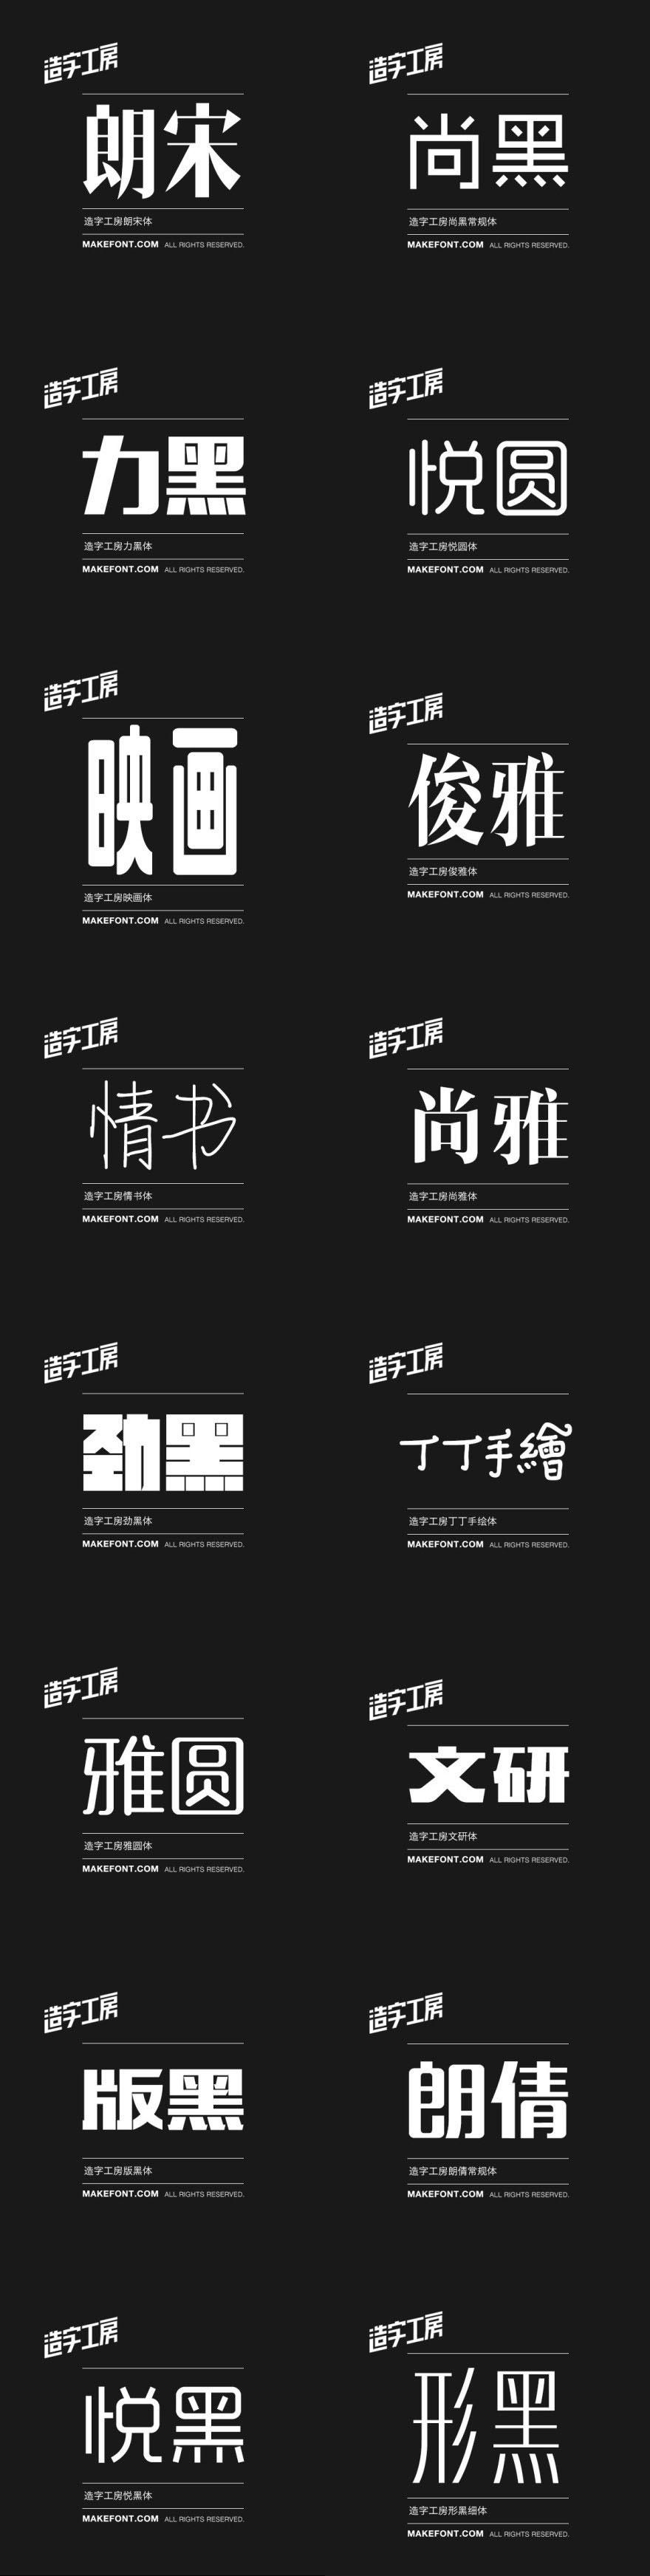 造字工房16款中文字体,(非商业)个人免费下载